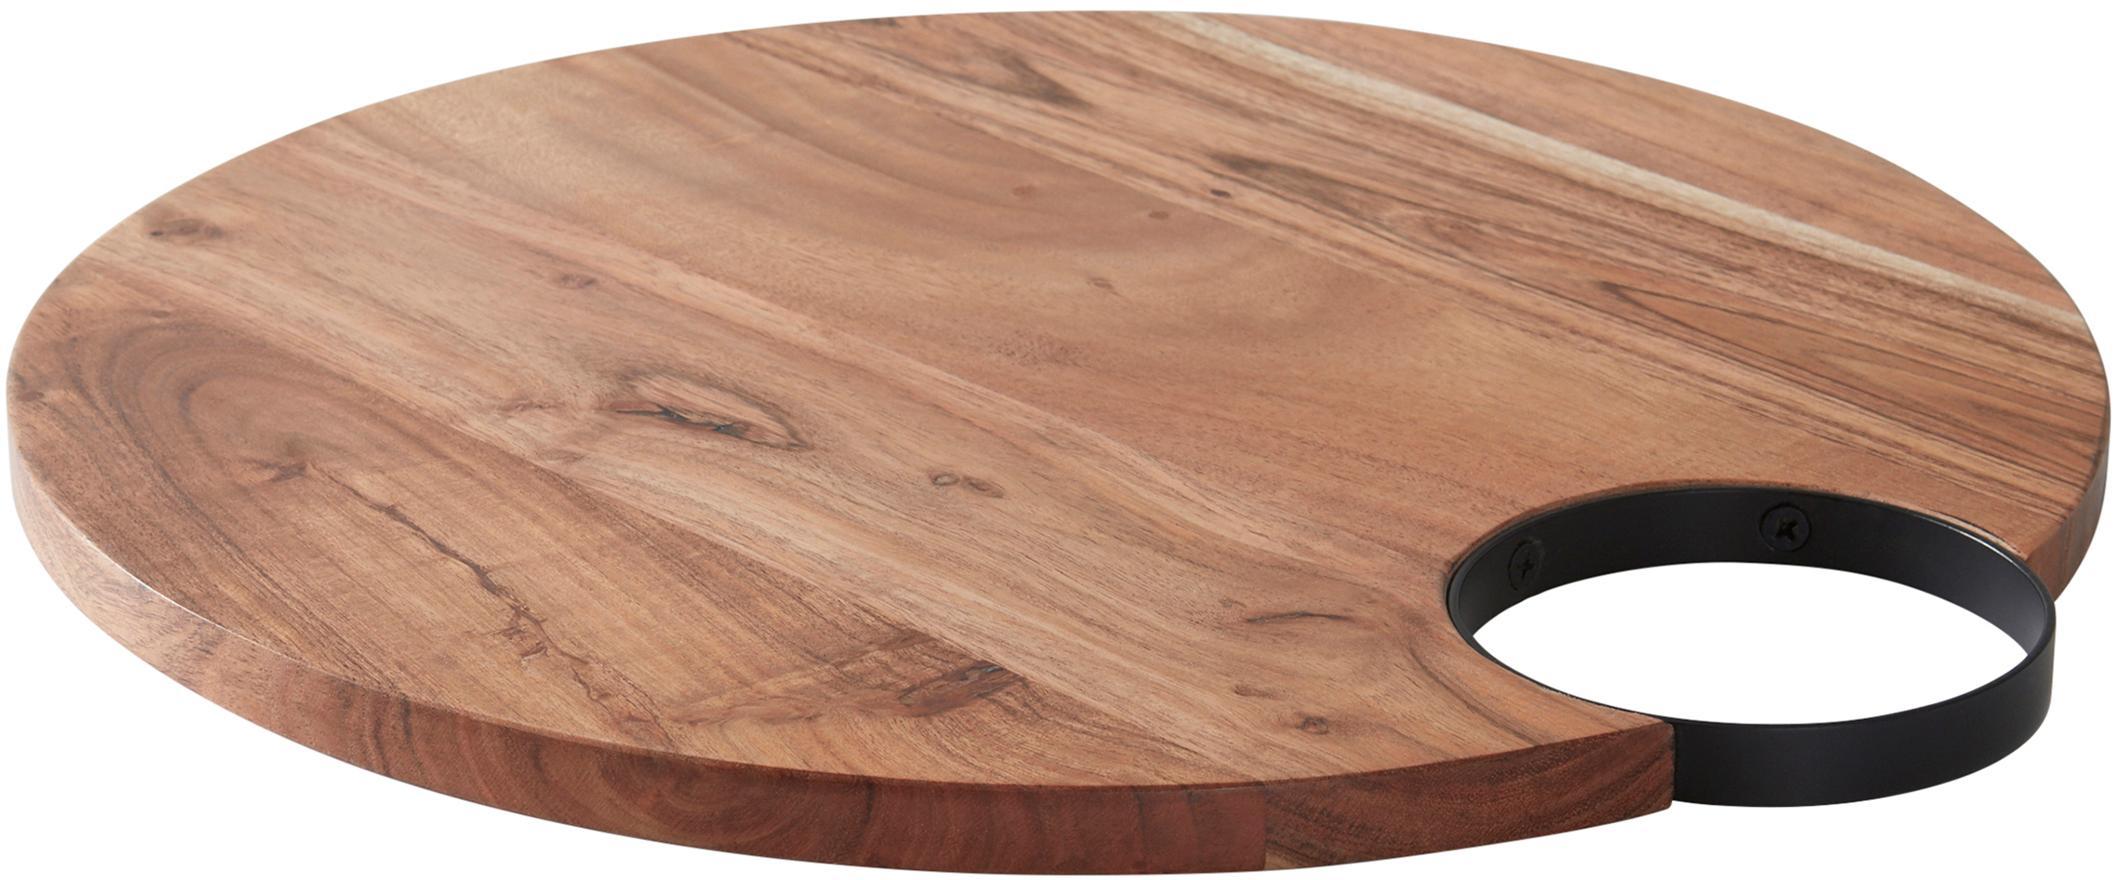 Deska do krojenia z drewna akacjowego Valentine, Drewno akacjowe, czarny, S 40 x G 38 cm